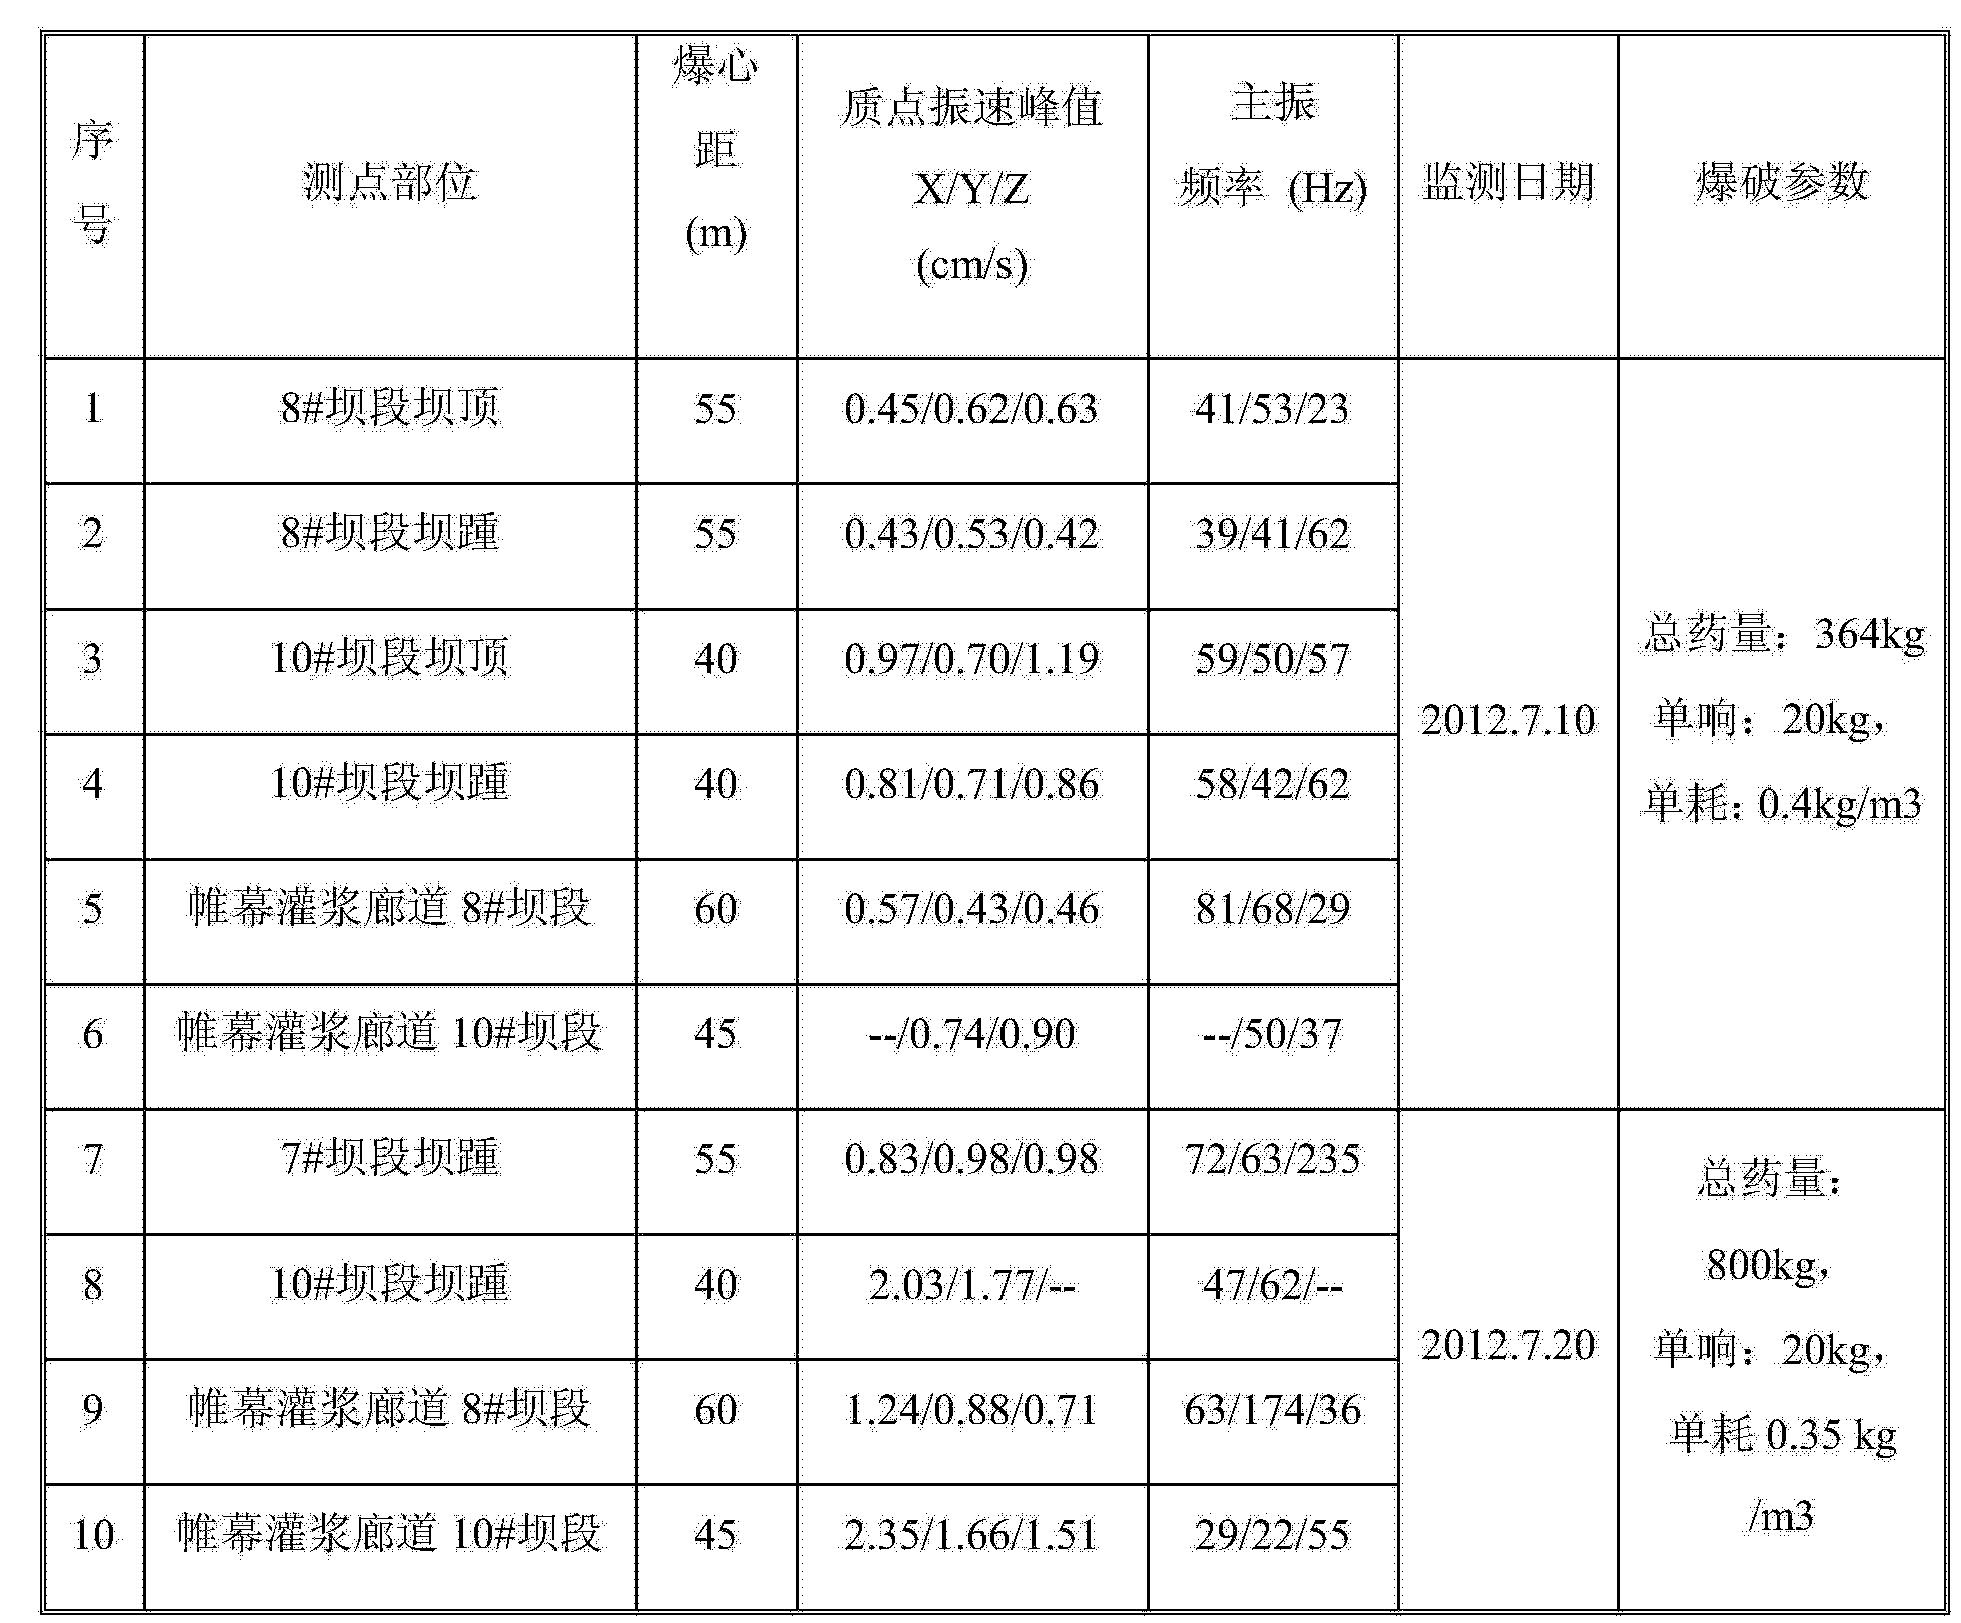 所 武漢 爆破 研究